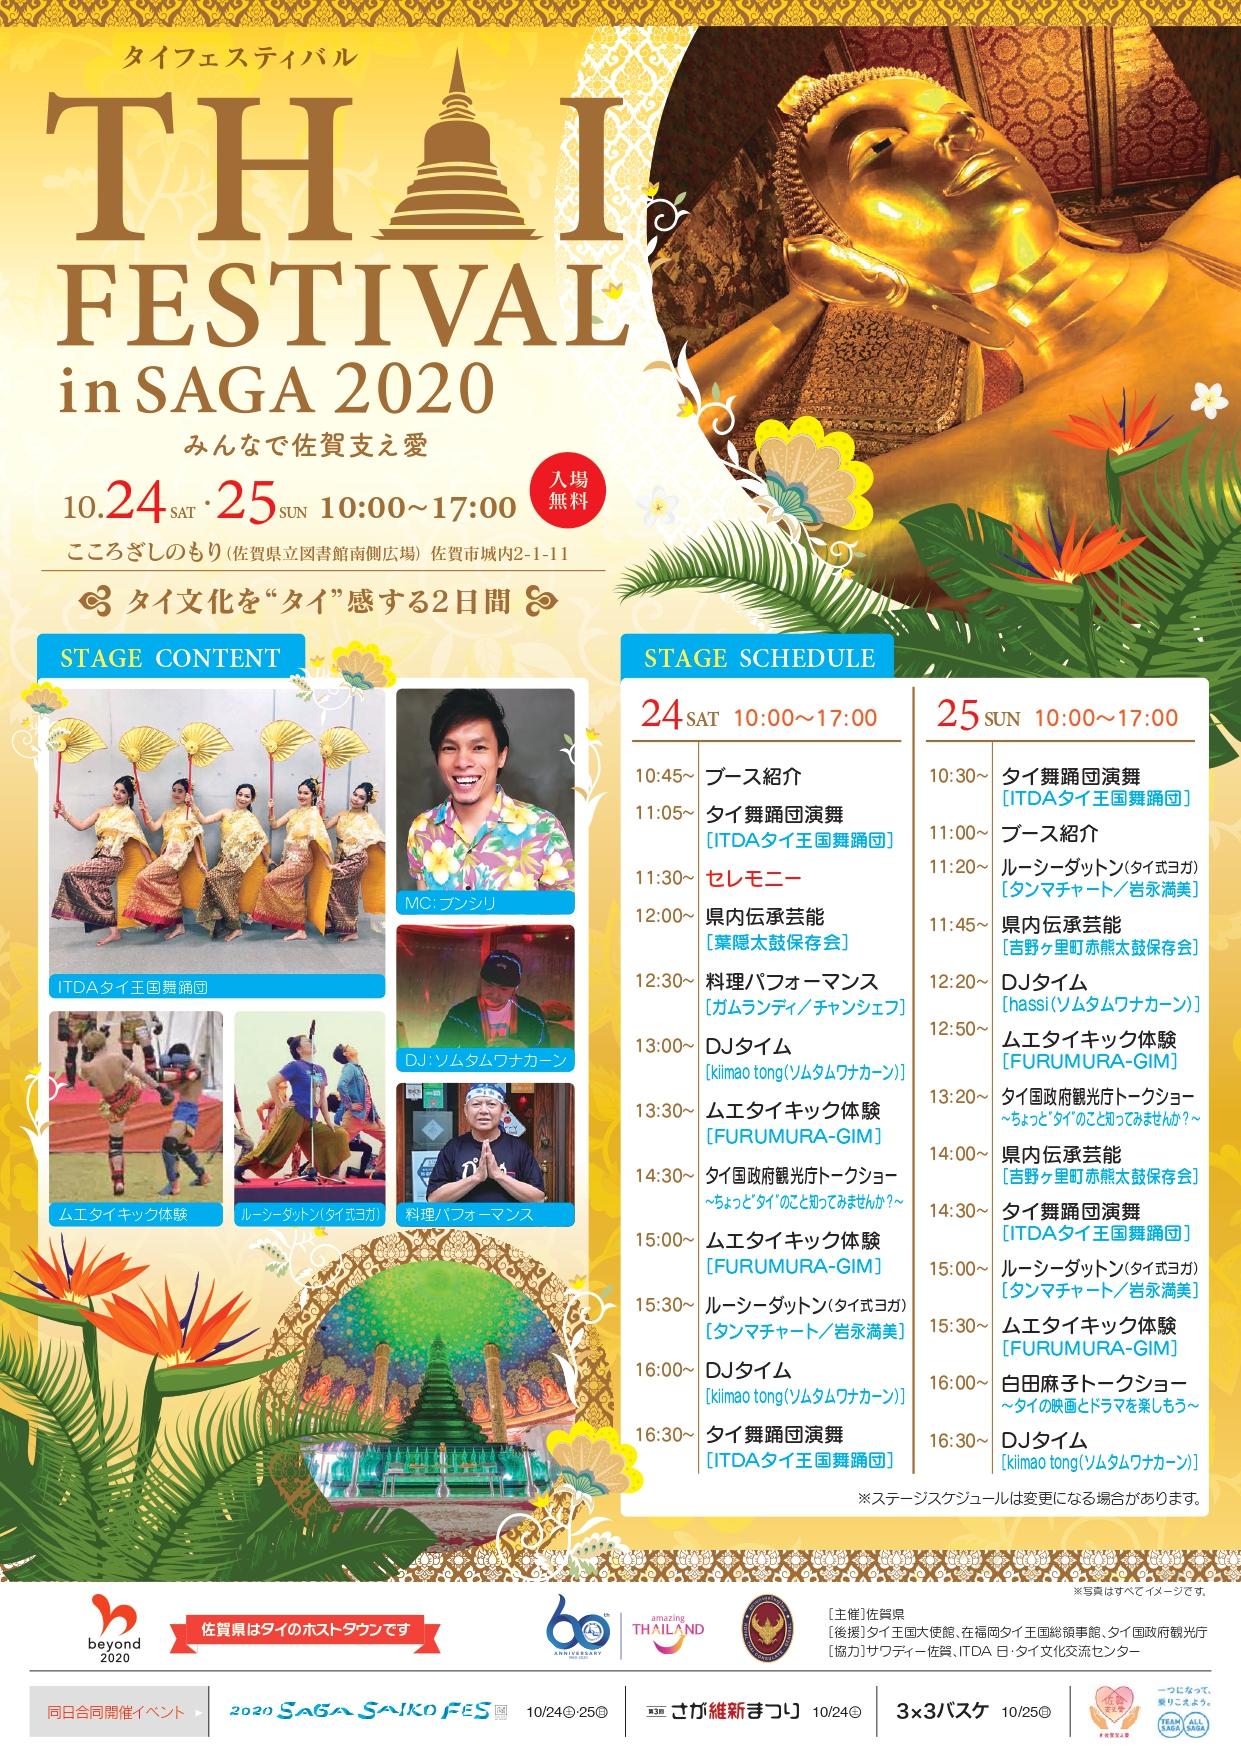 「タイフェスティバル in SAGA 2020」開催決定!10月24日~25日 こころざしのもり